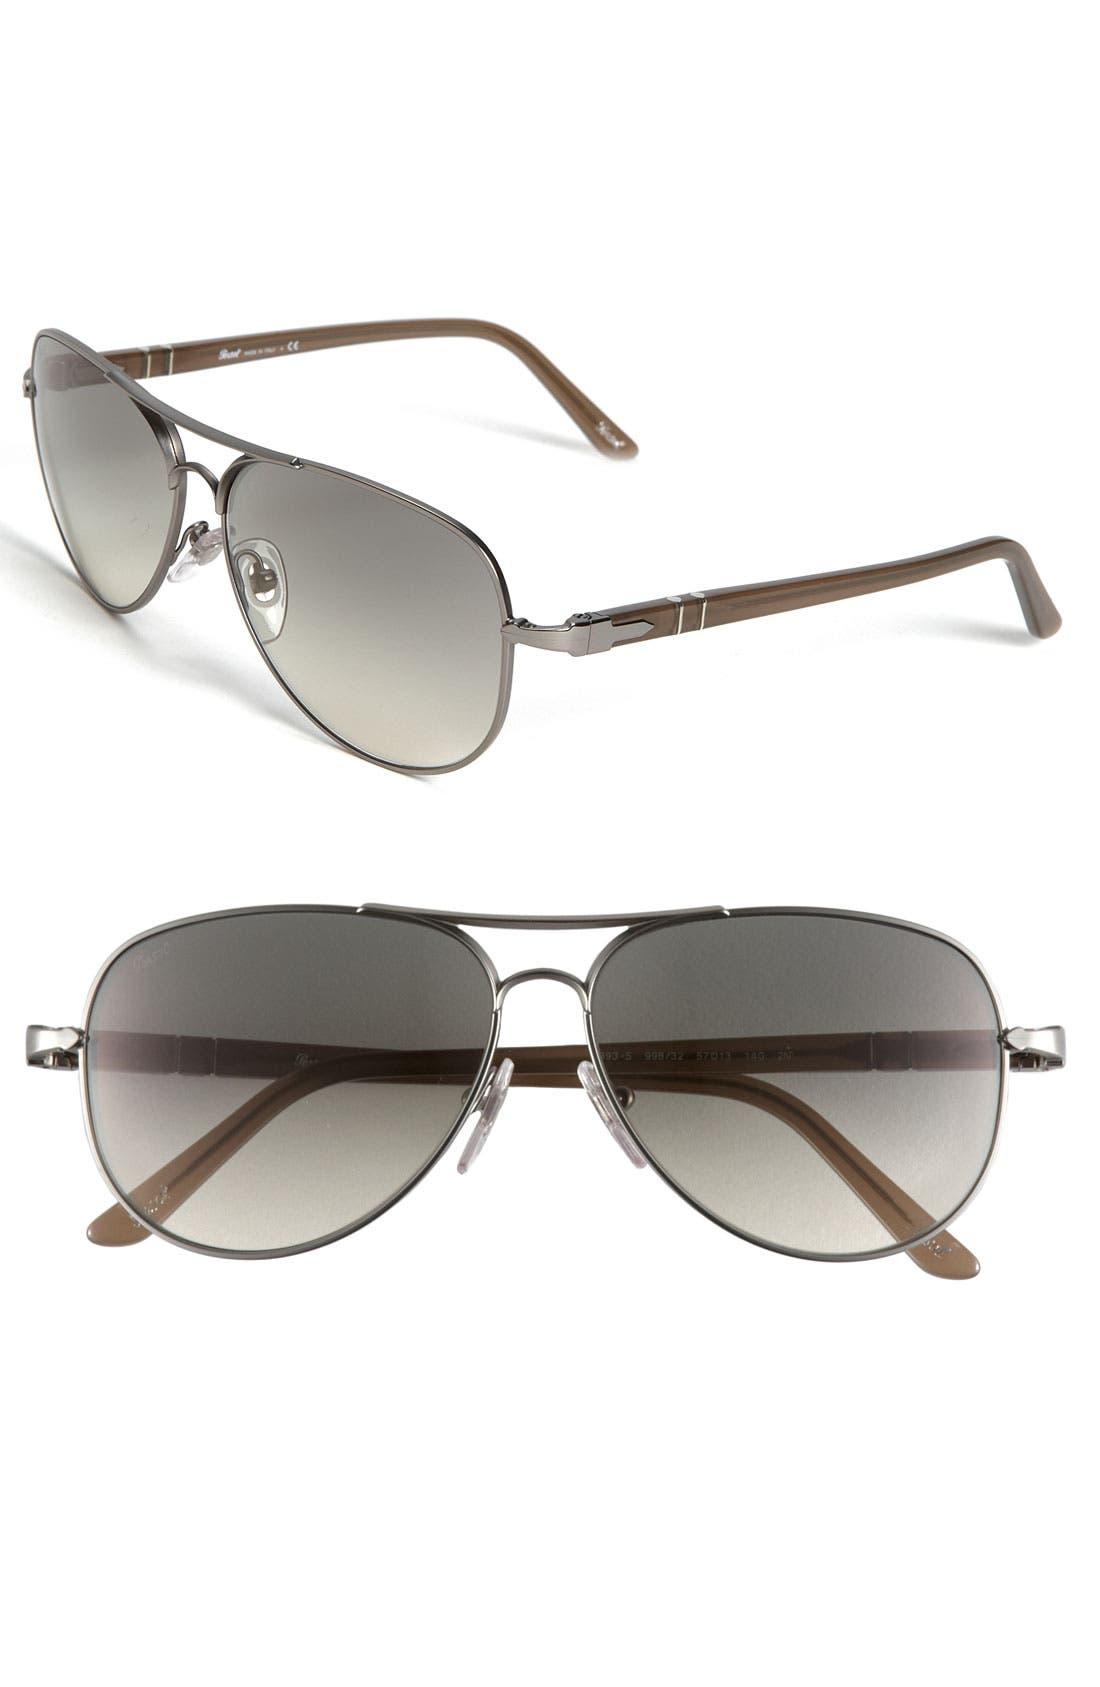 Alternate Image 1 Selected - Persol 57mm Metal Aviator Sunglasses